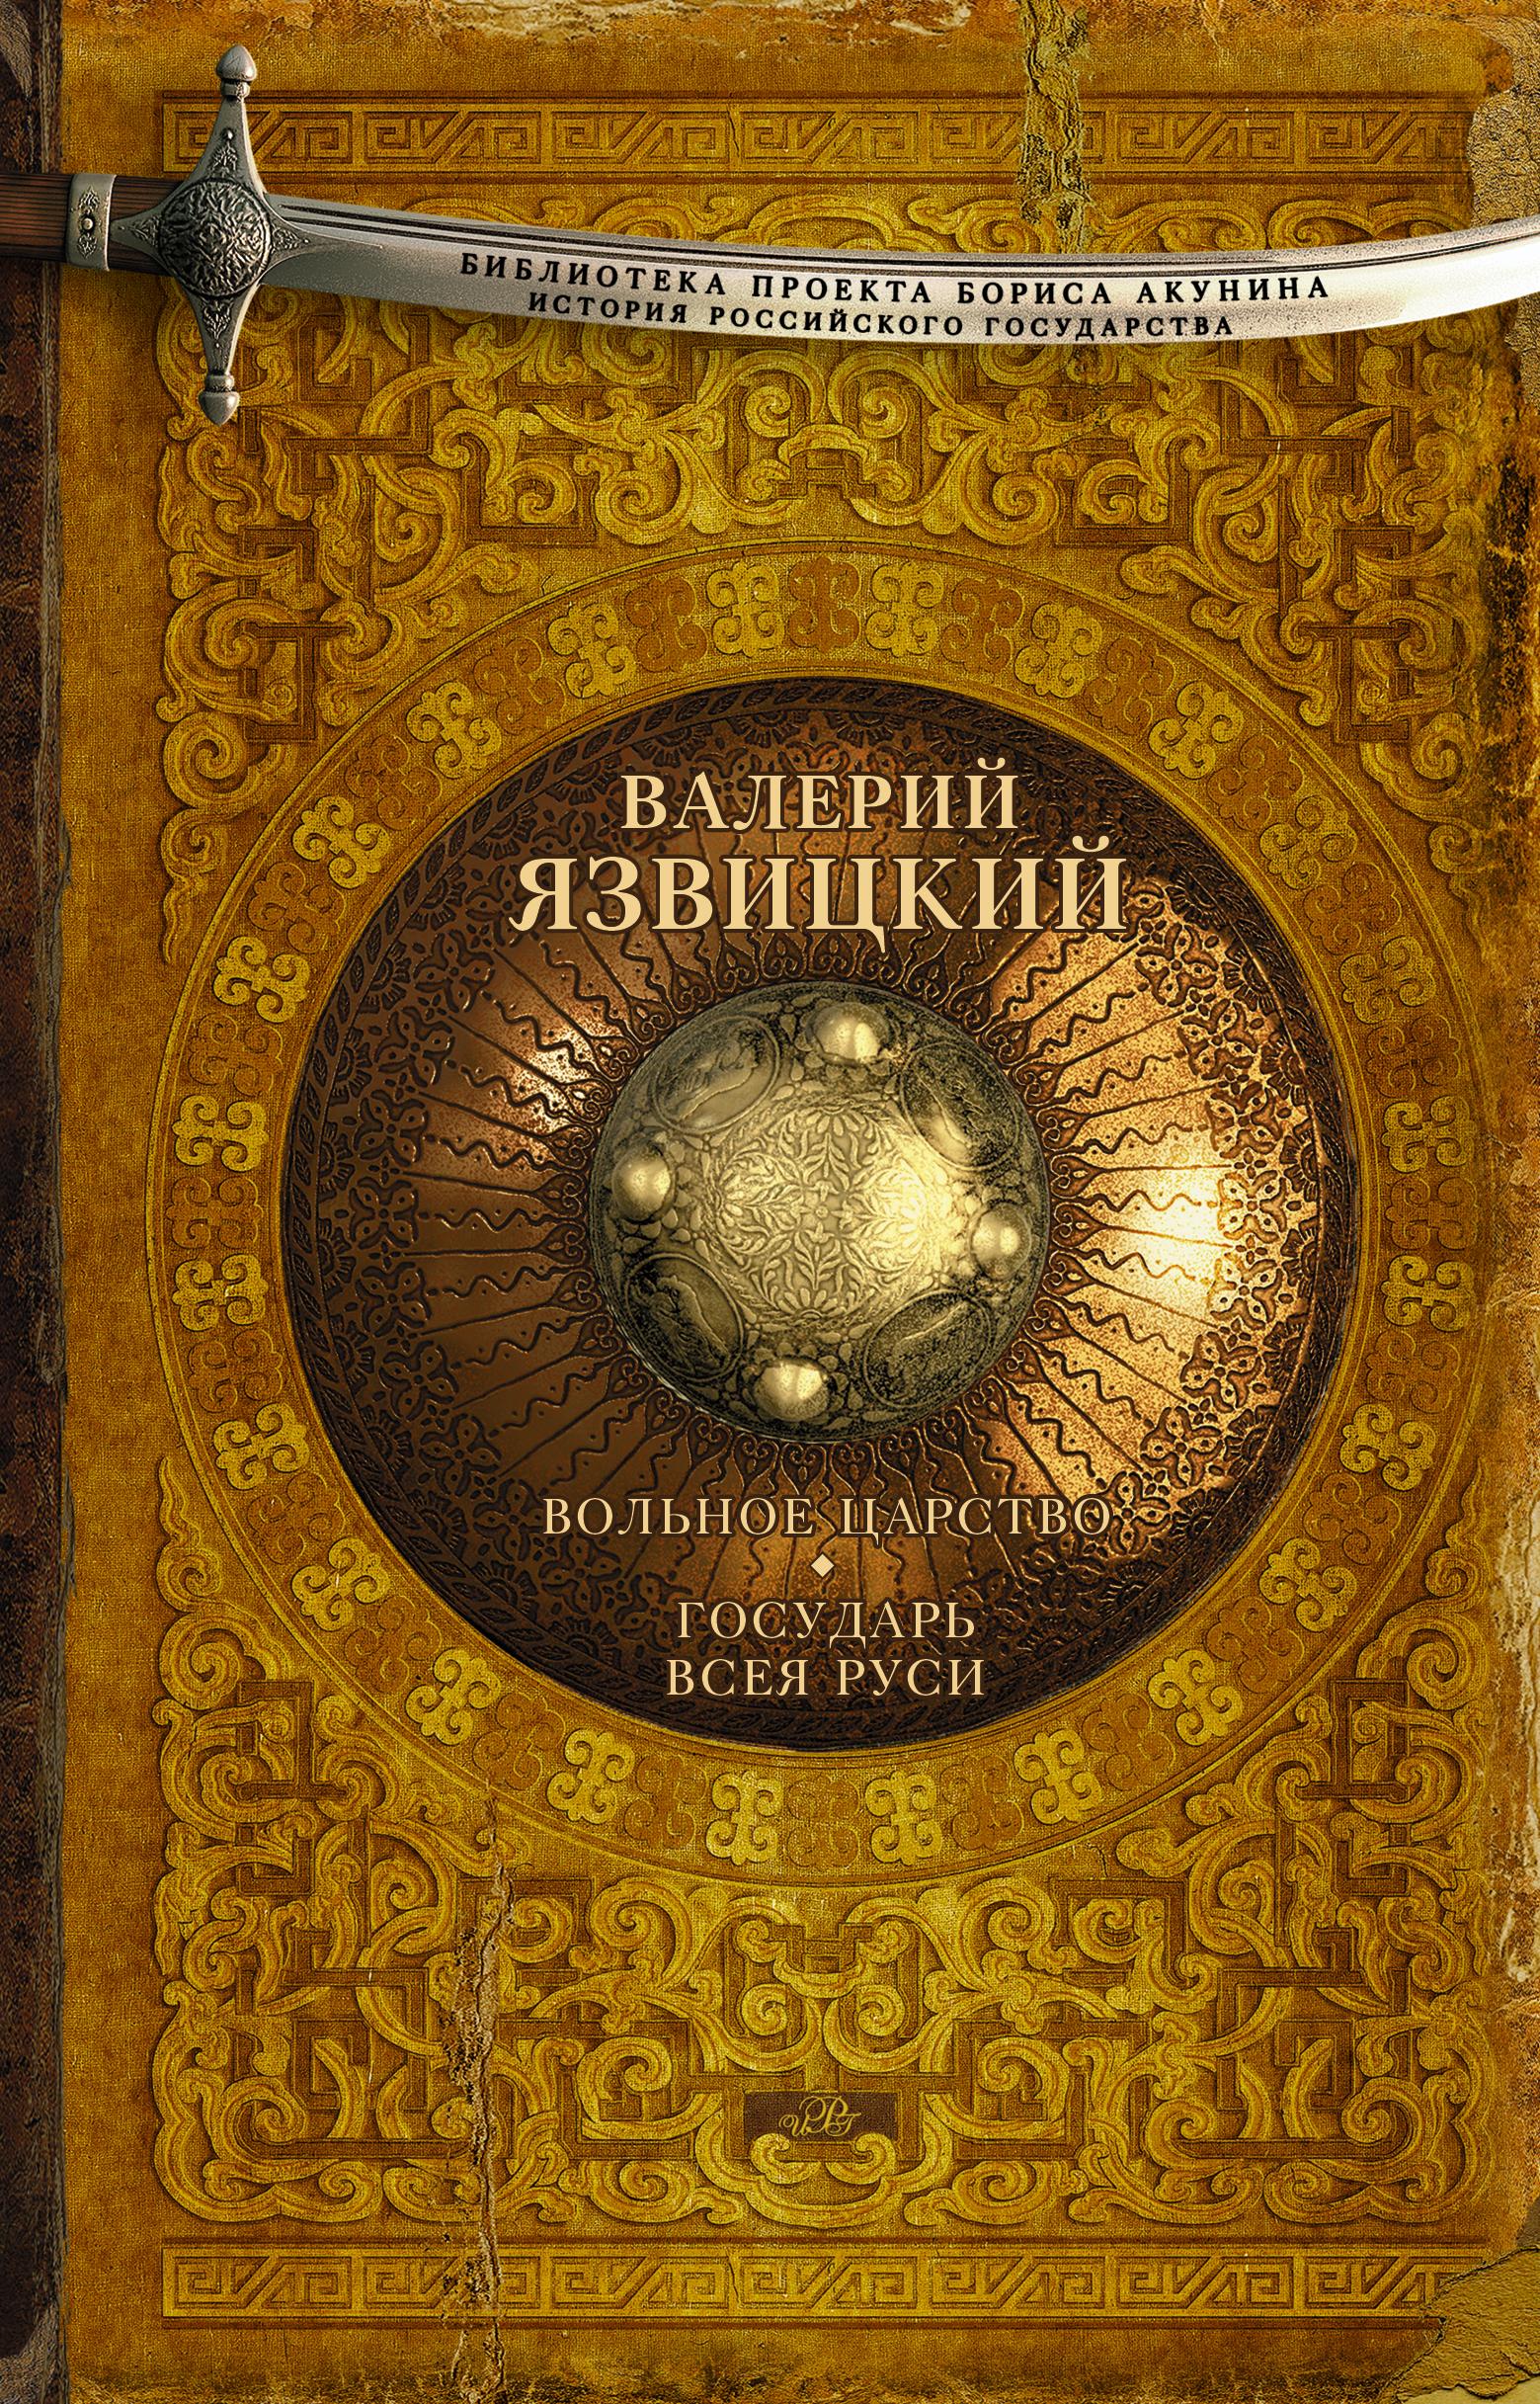 Язвицкий В.И., Акунин Б. Вольное царство. Государь всея Руси